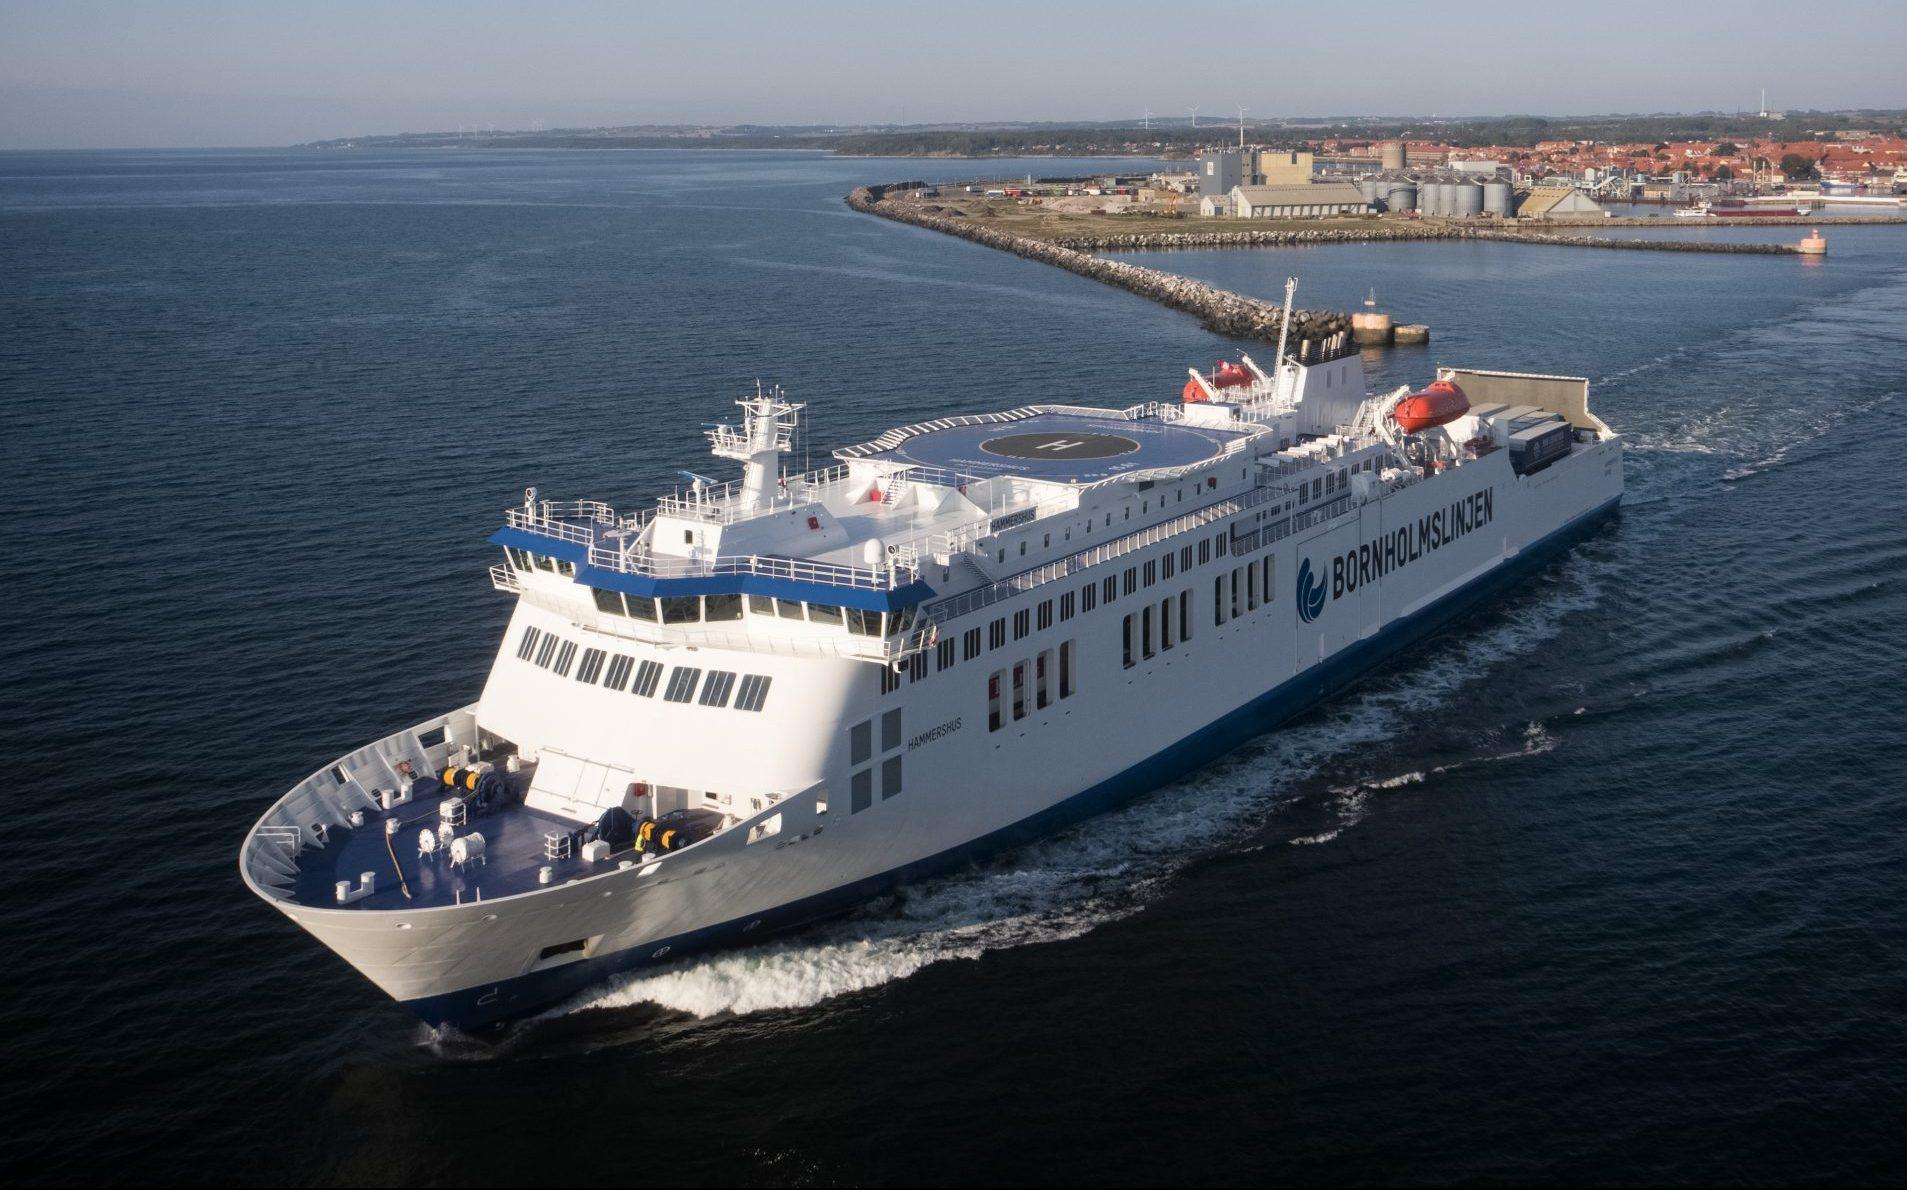 Færgen Hammershus begynder 3. juni igen at sejle mellem Rønne og Tyskland. Arkivpressefoto fra Molslinjen.